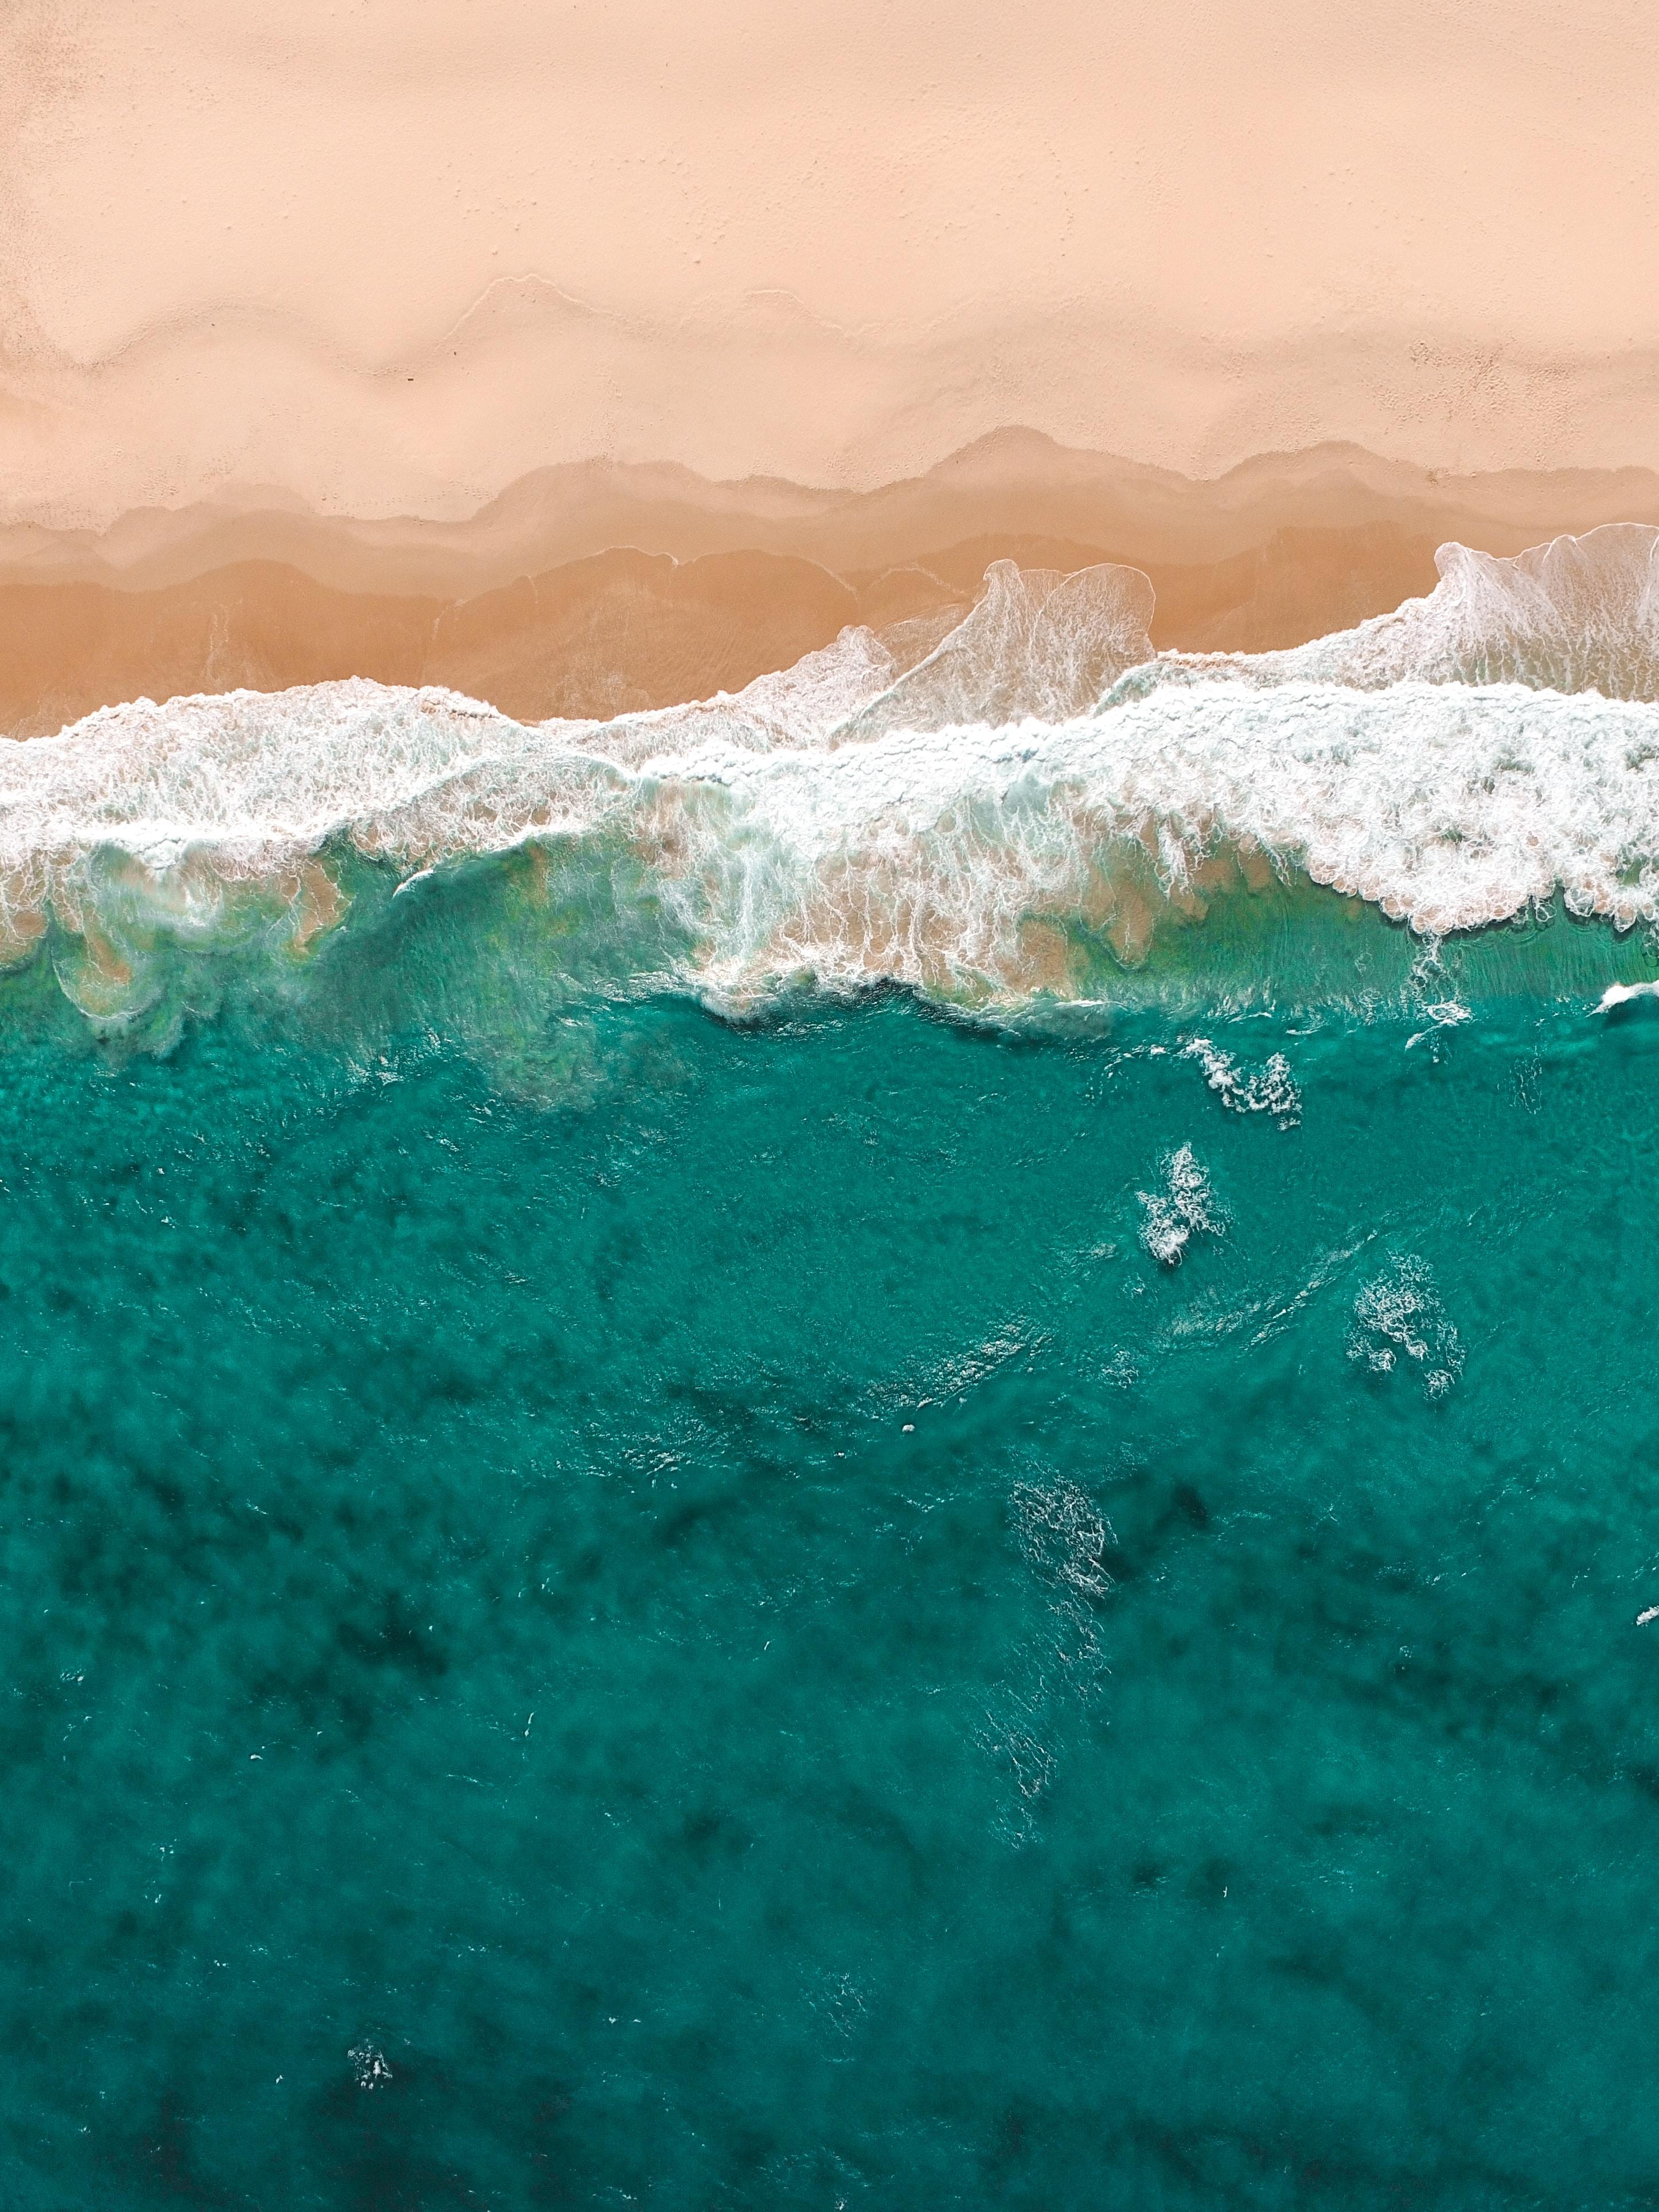 Ocean and its waves! ocean stories